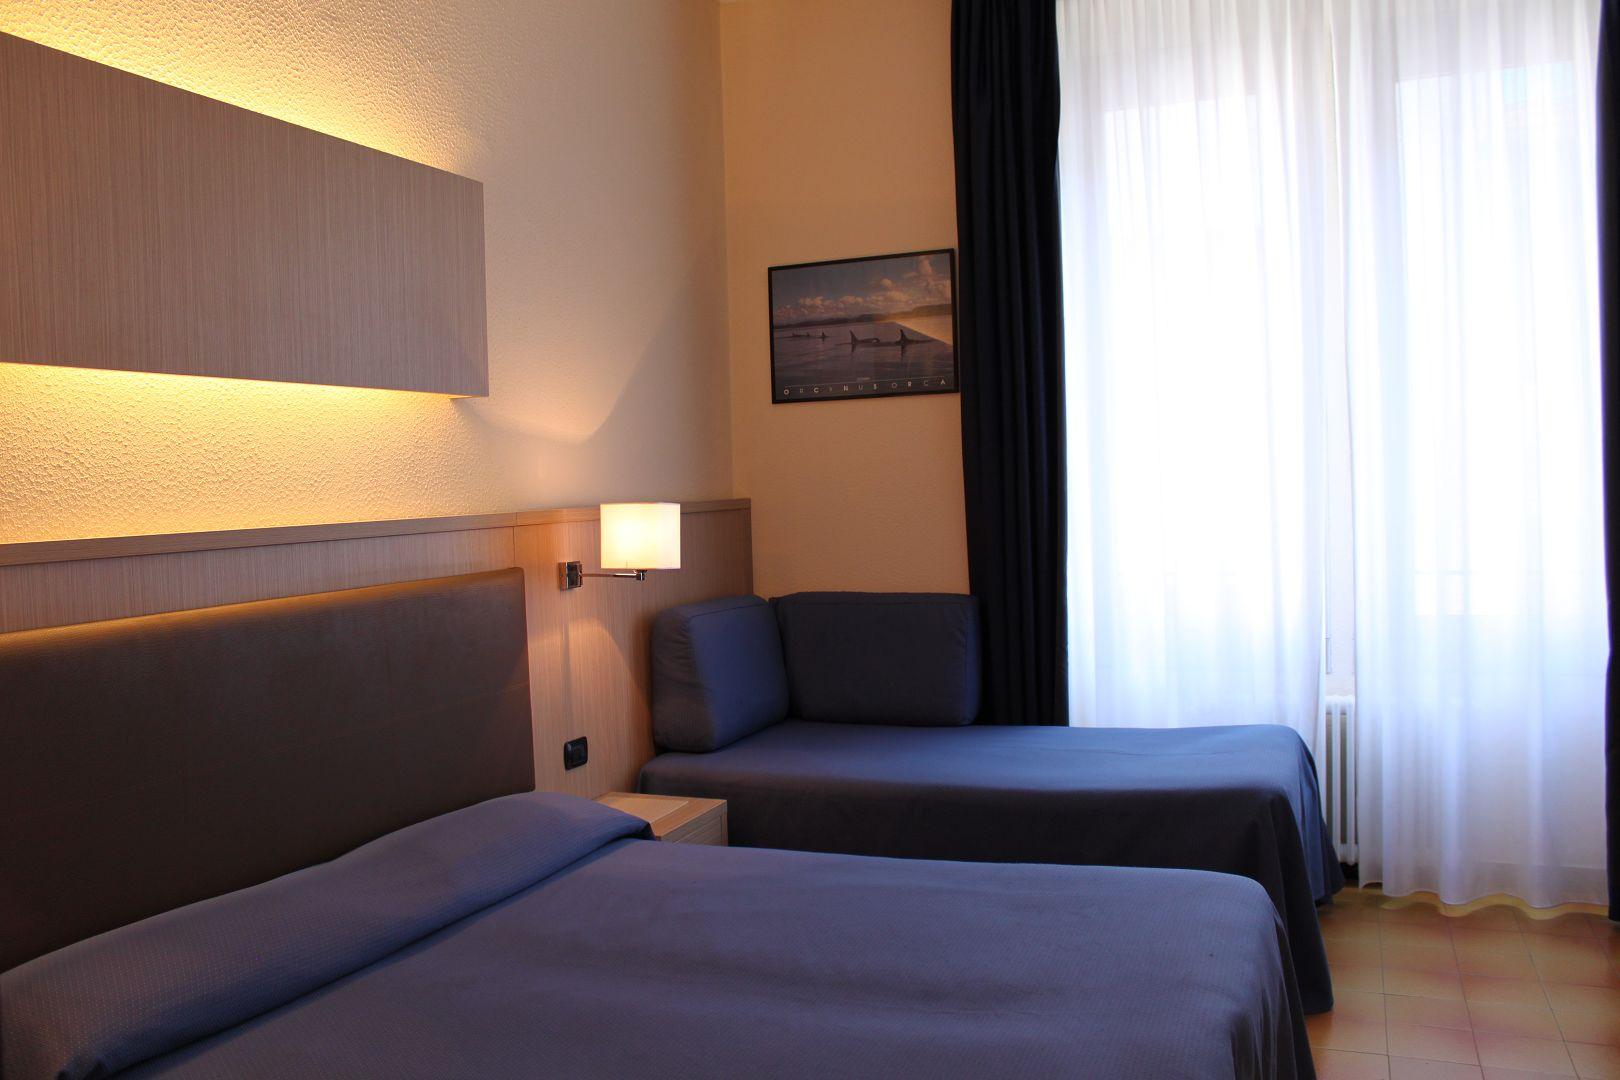 Letto Singolo E Matrimoniale.Hotel Stella Letto Matrimoniale E Di Un Letto Singolo Bagno Con